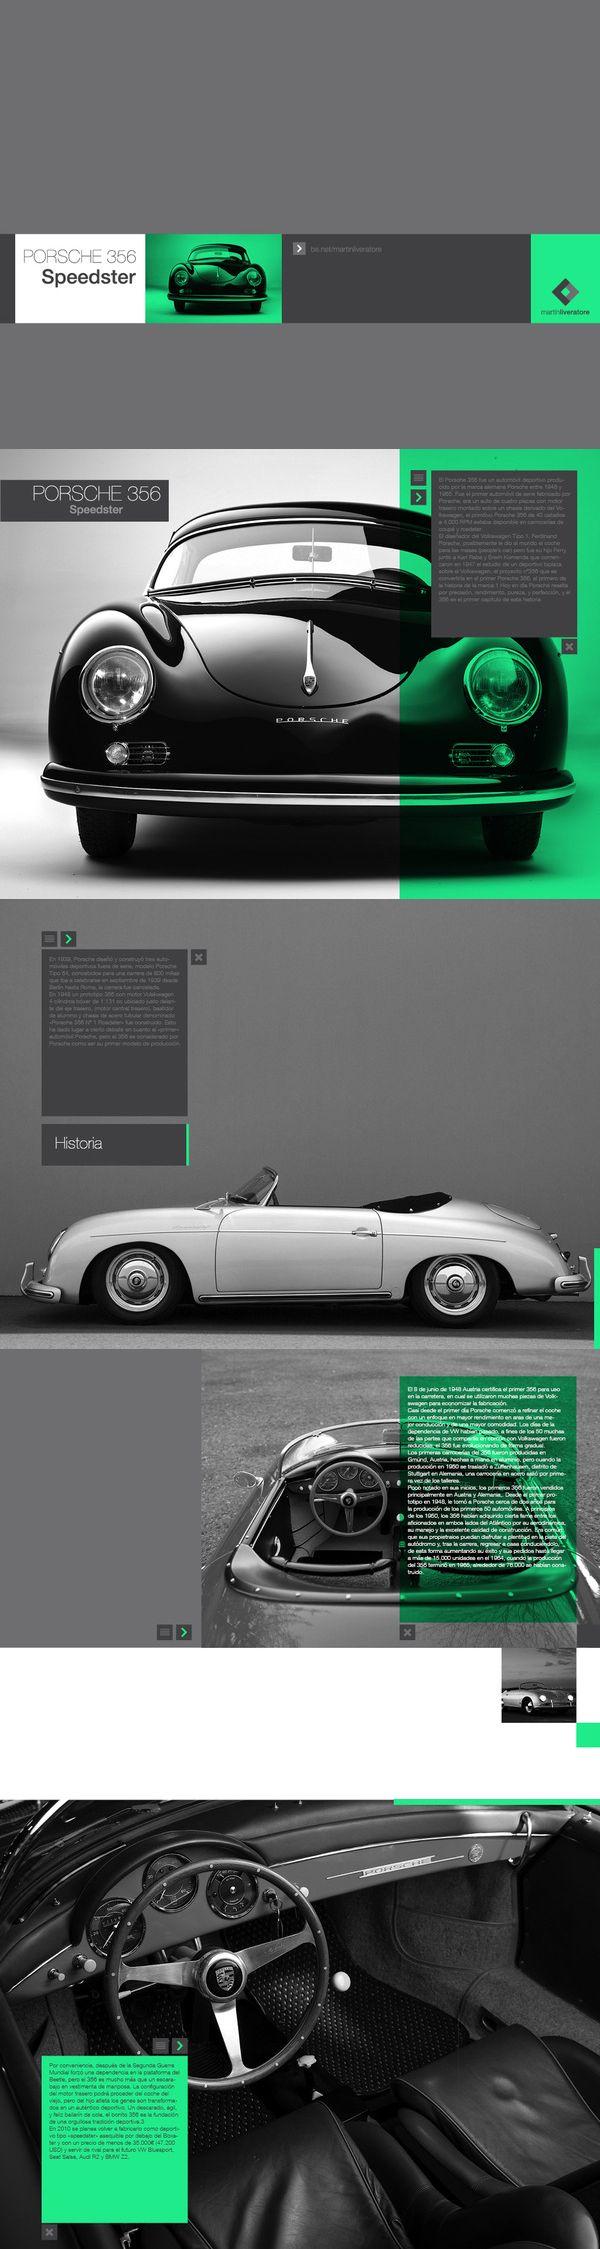 Porsche 356 Speedster interactive book by Martin Liveratore #webdesign